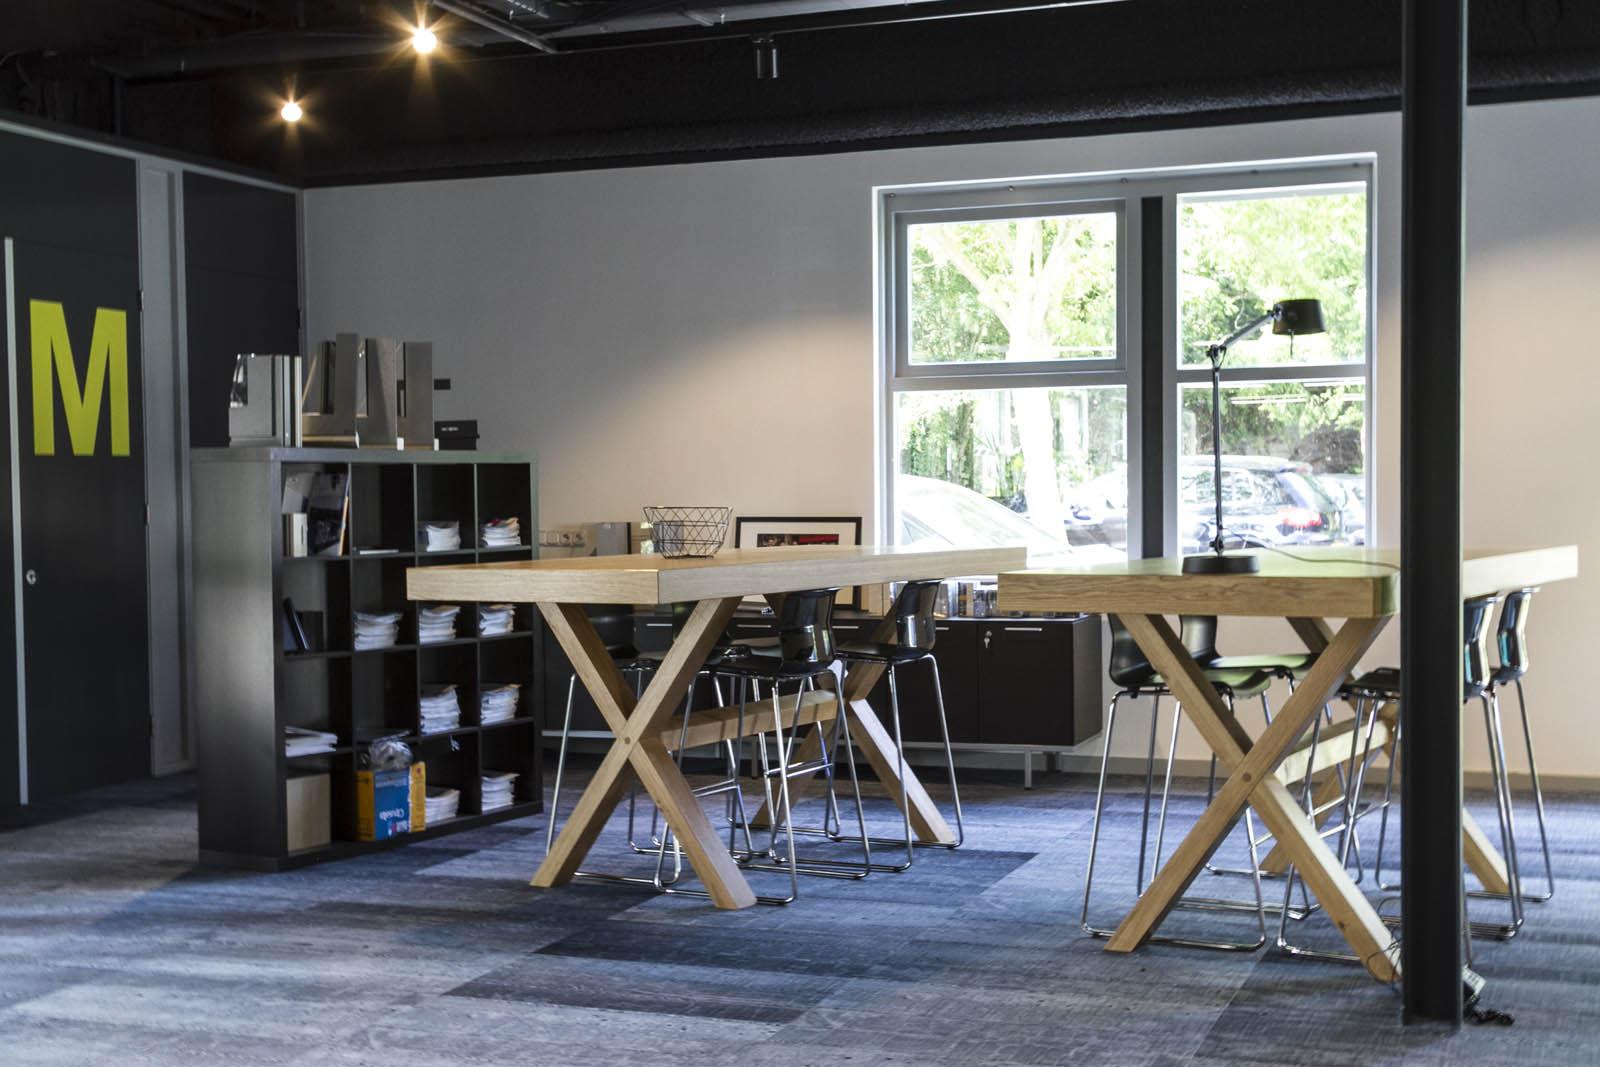 Intal office, opmeer, jeroen de nijs